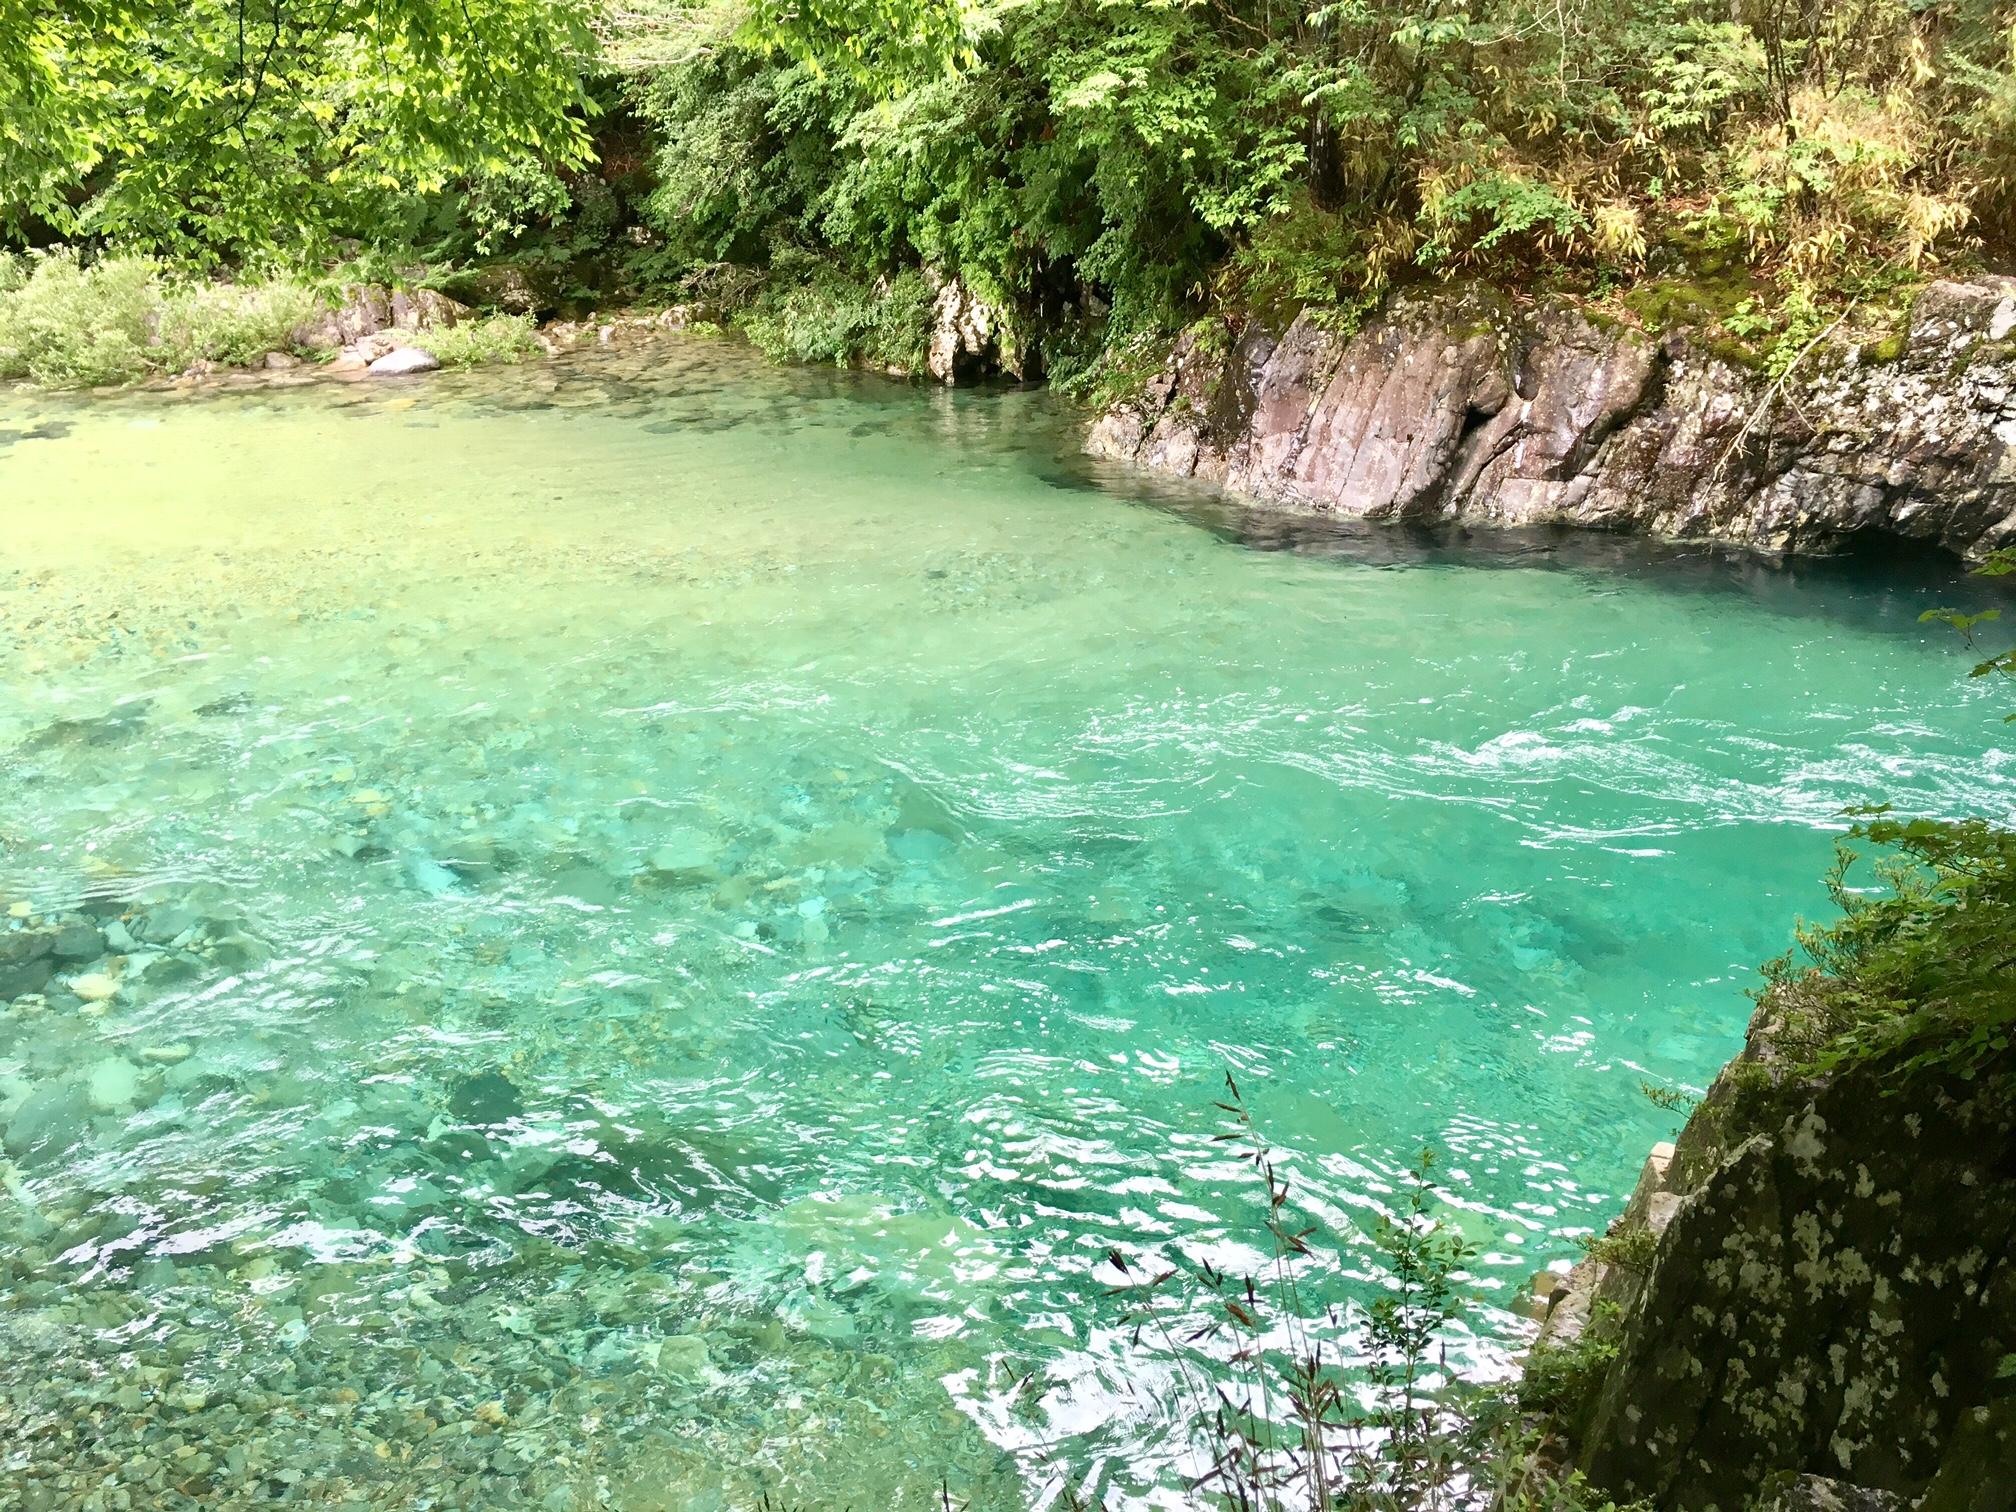 【名古屋から行ける避暑地・前編】この夏行きたいエメラルドの秘境『阿寺渓谷』 - tanu